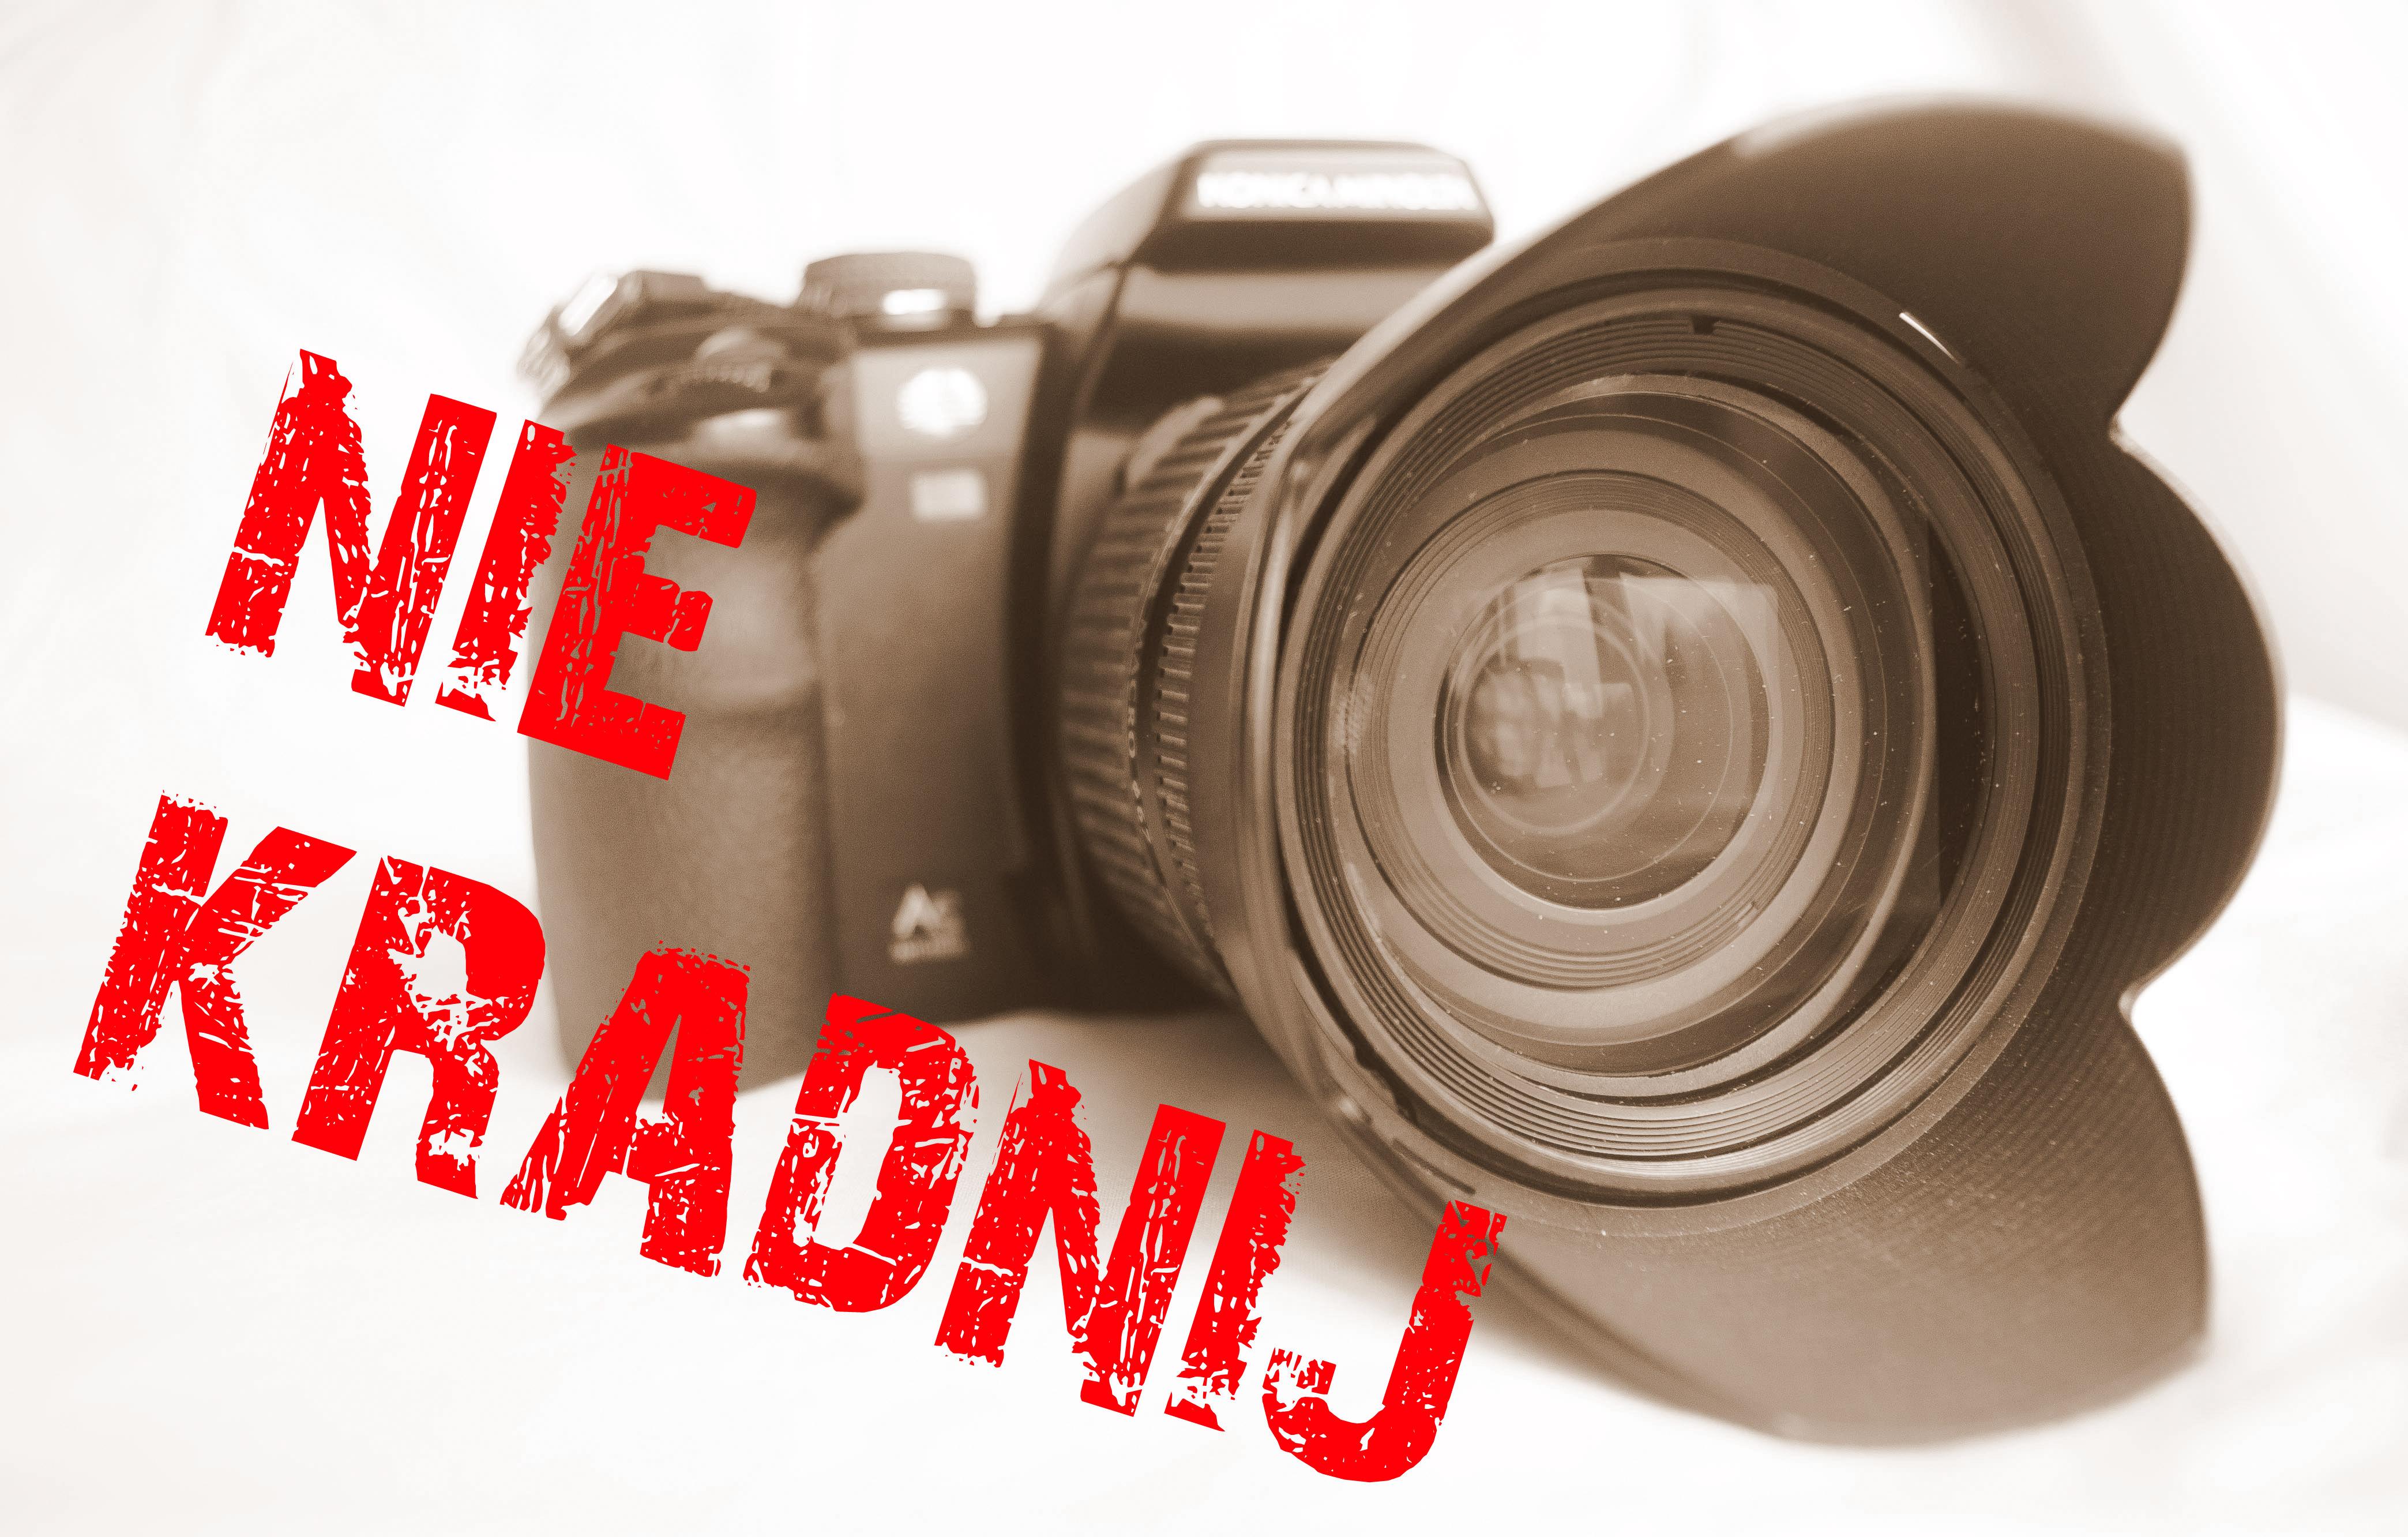 Kradzież zdjęć! Ja nie kradnę zdjęć, one były przecież w internecie!?